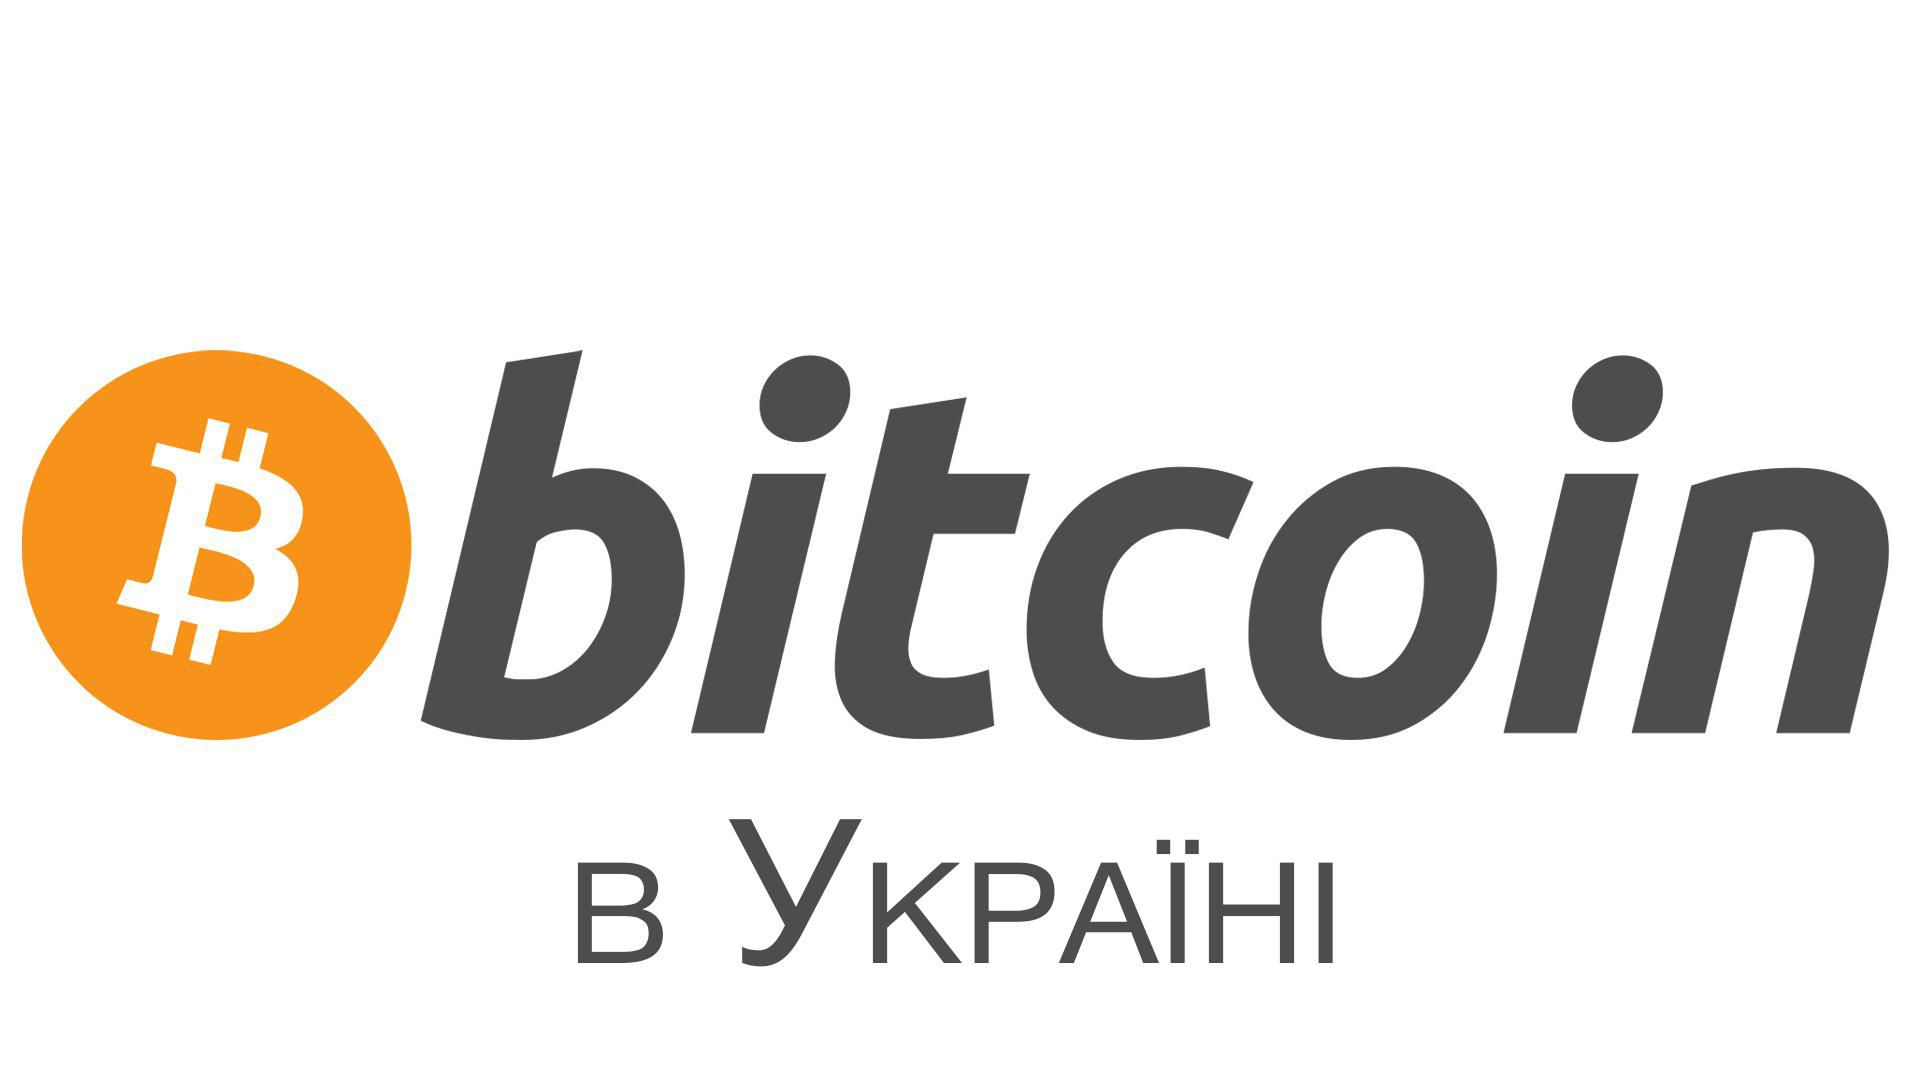 Де купити Bitcoin (біткоіни) в Україні